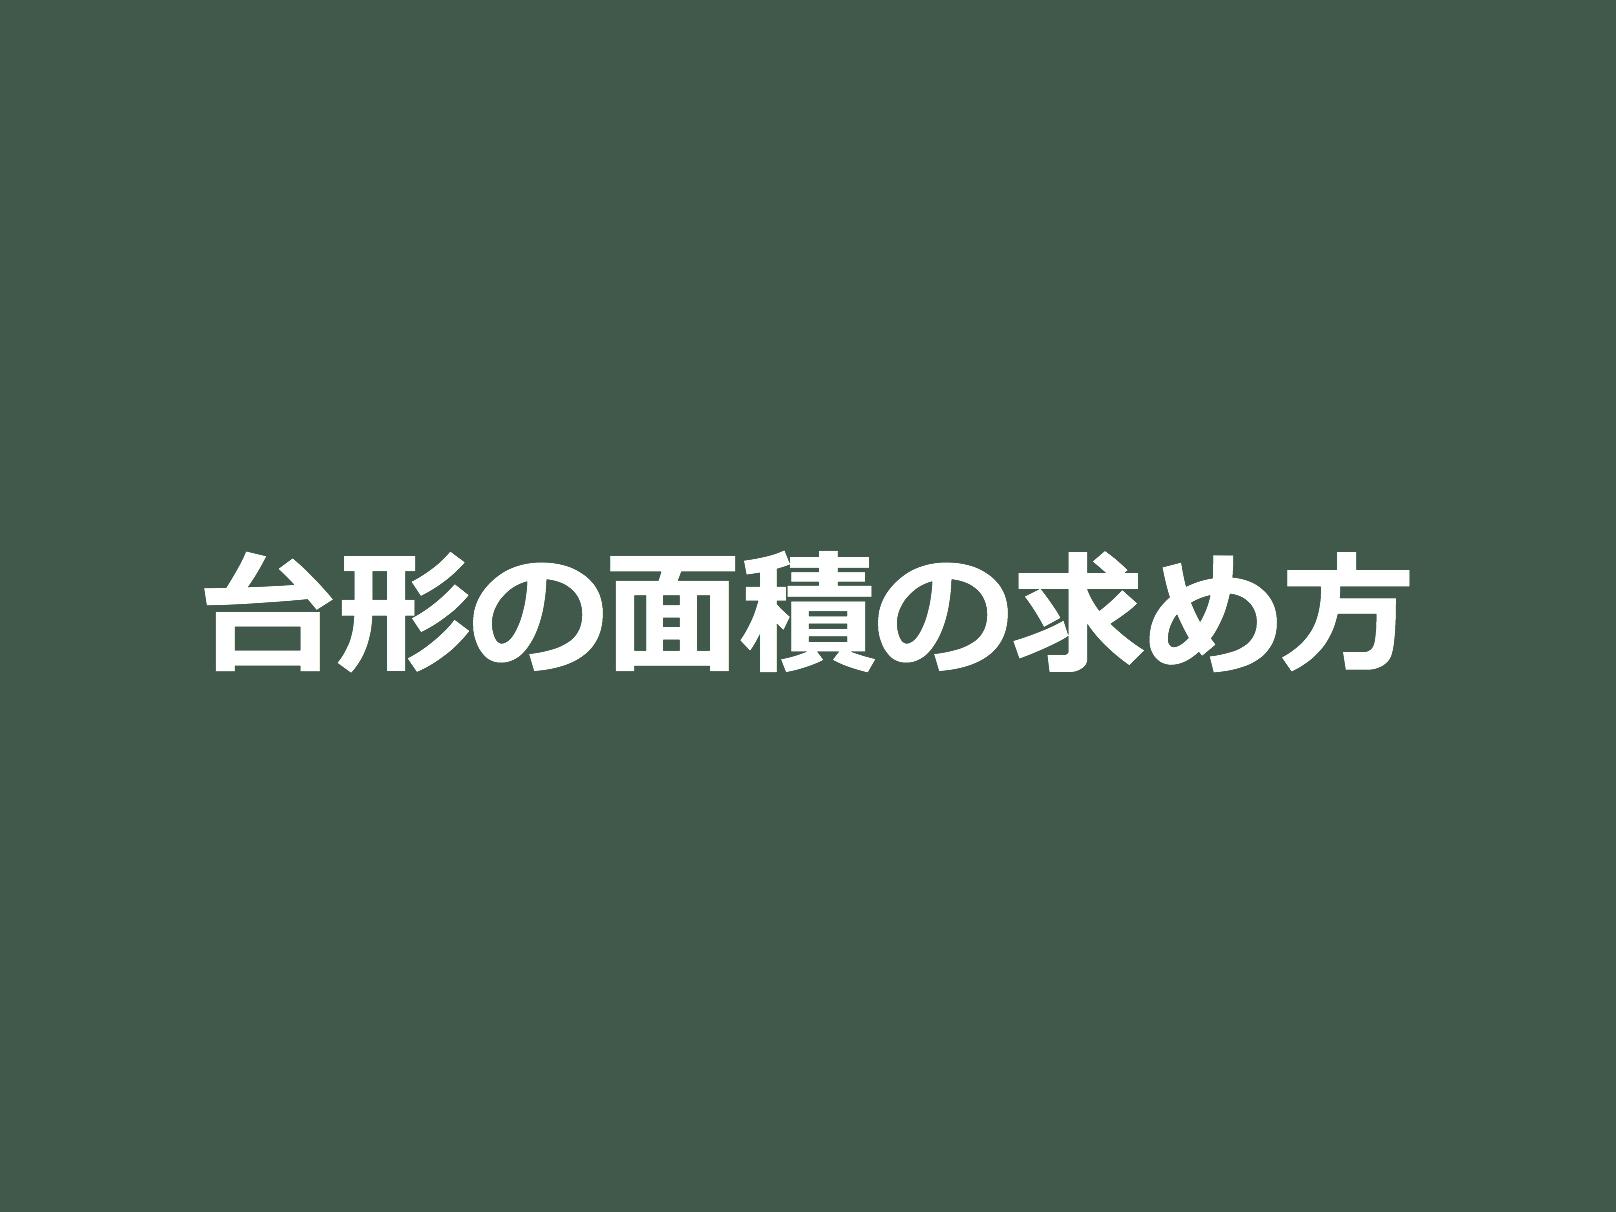 スクリーンショット 2017-06-30 22.39.26